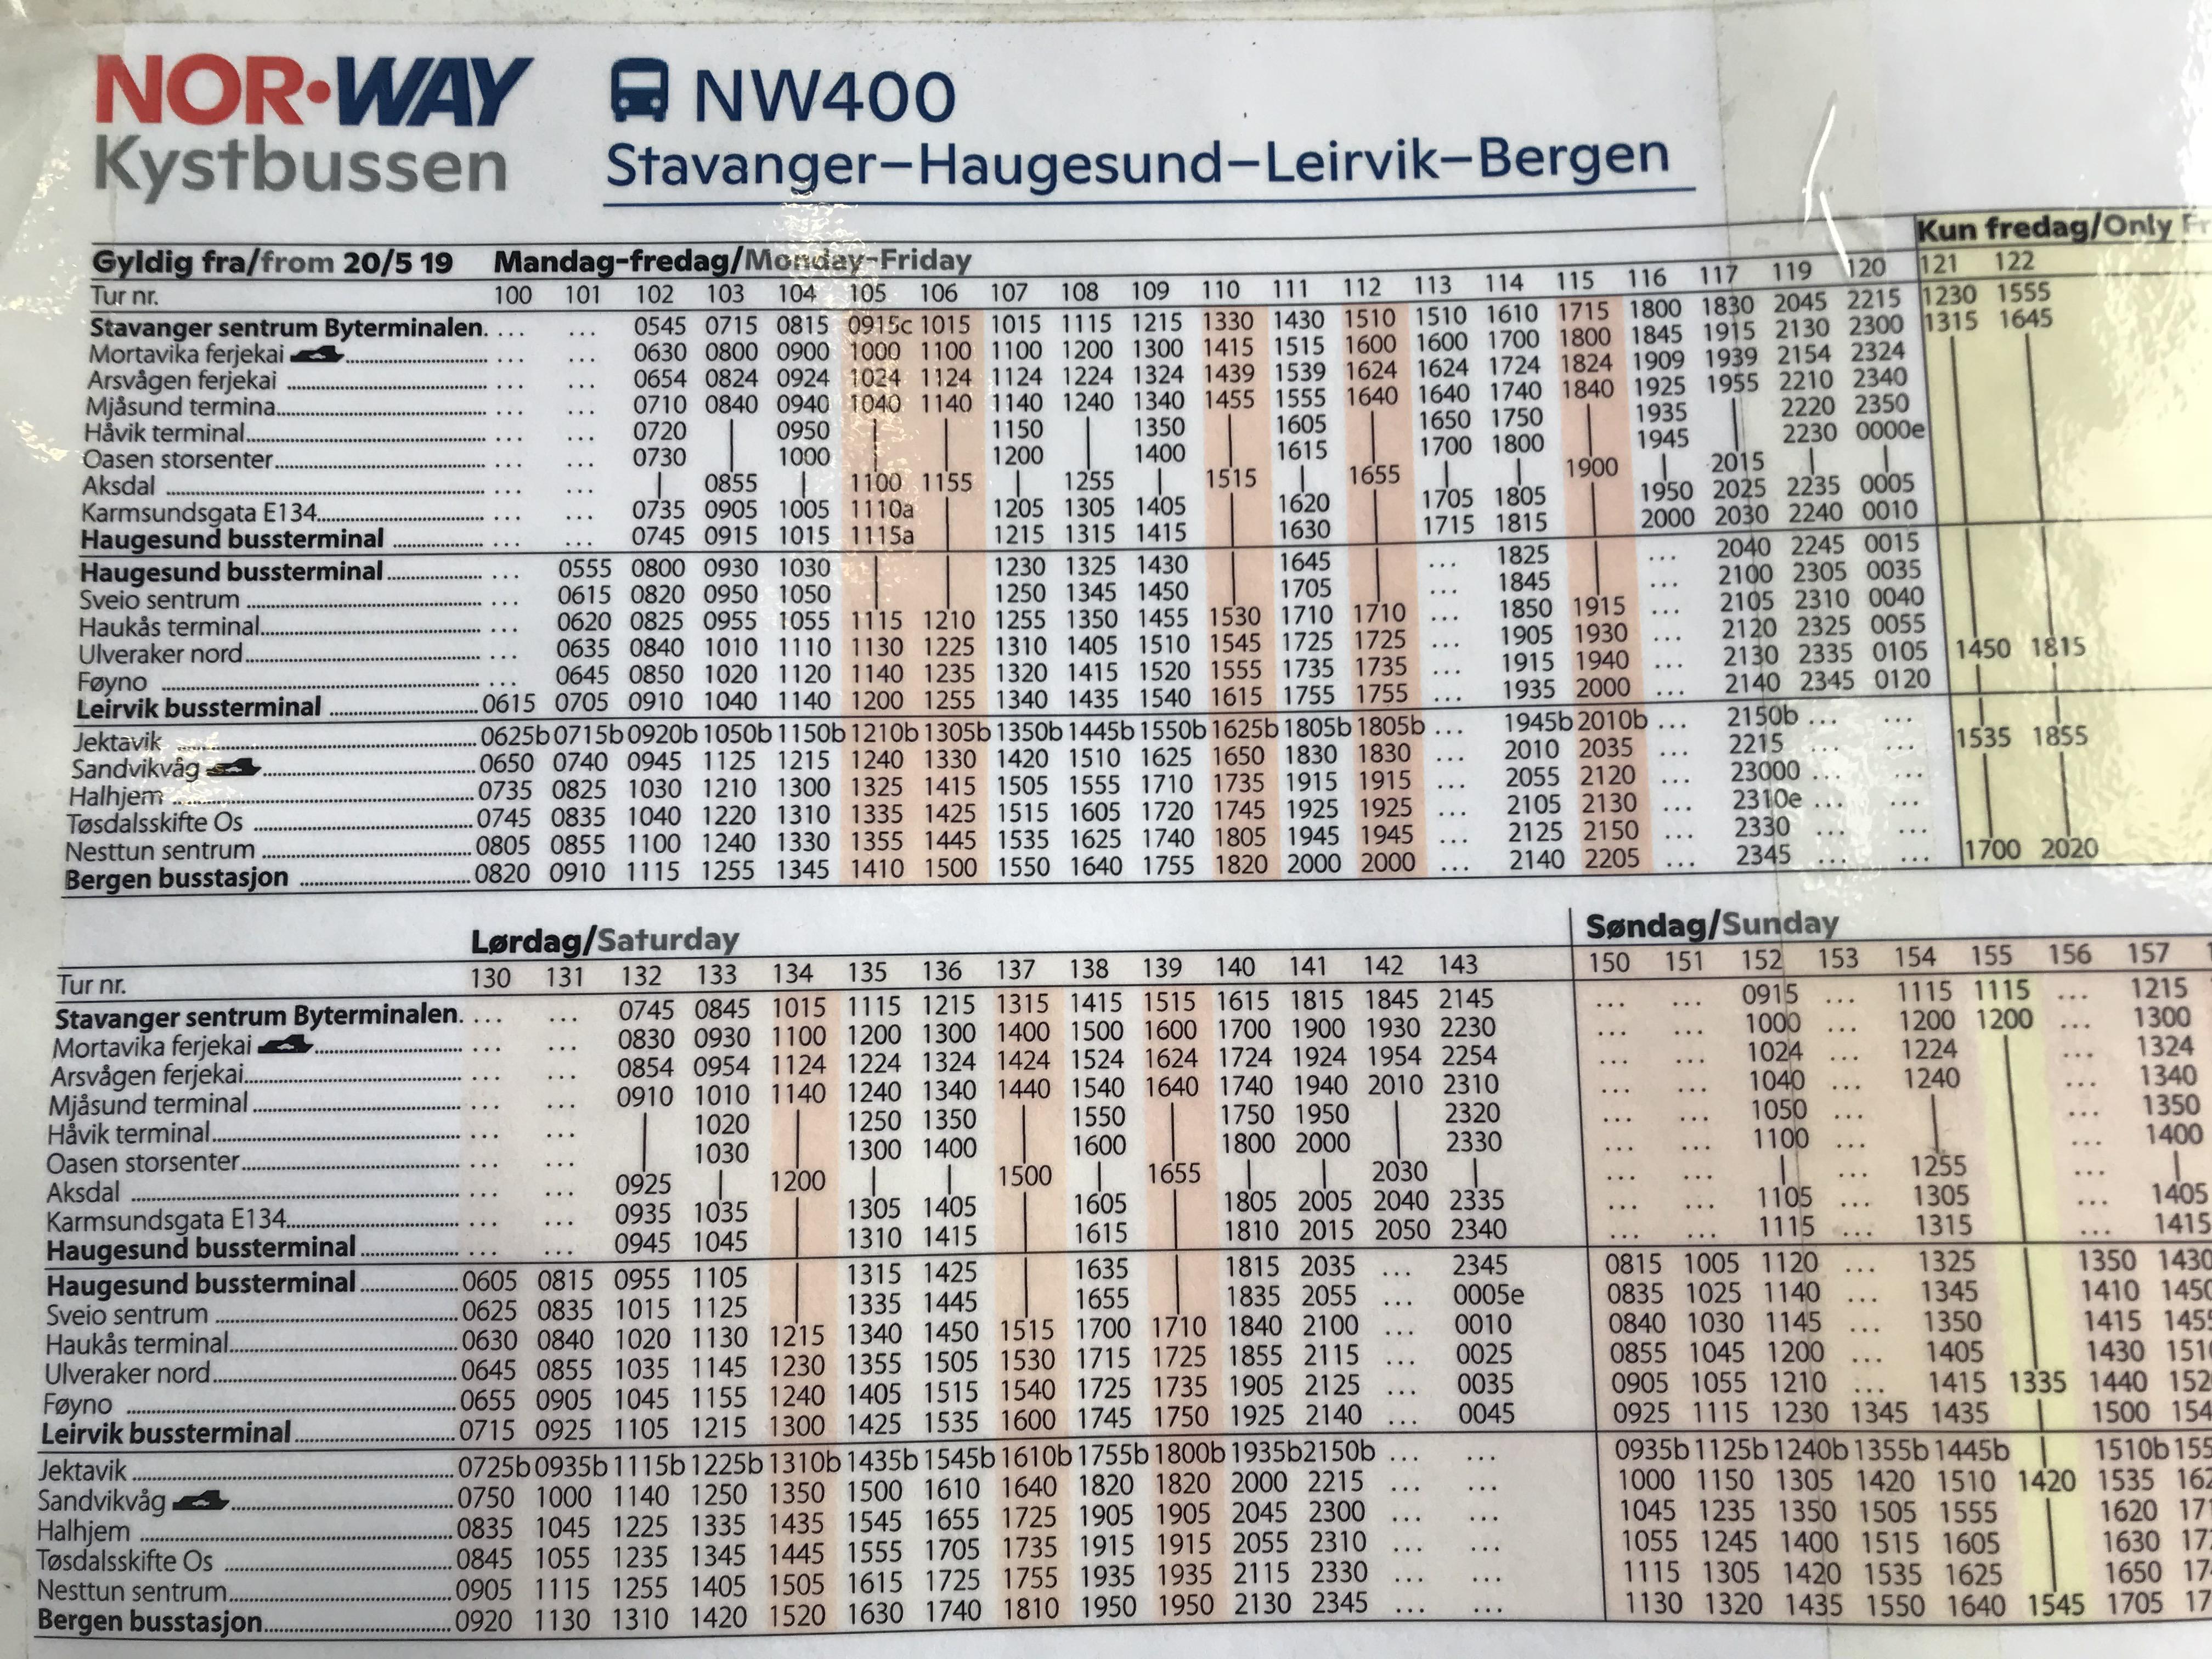 スタバンゲルバスターミナル